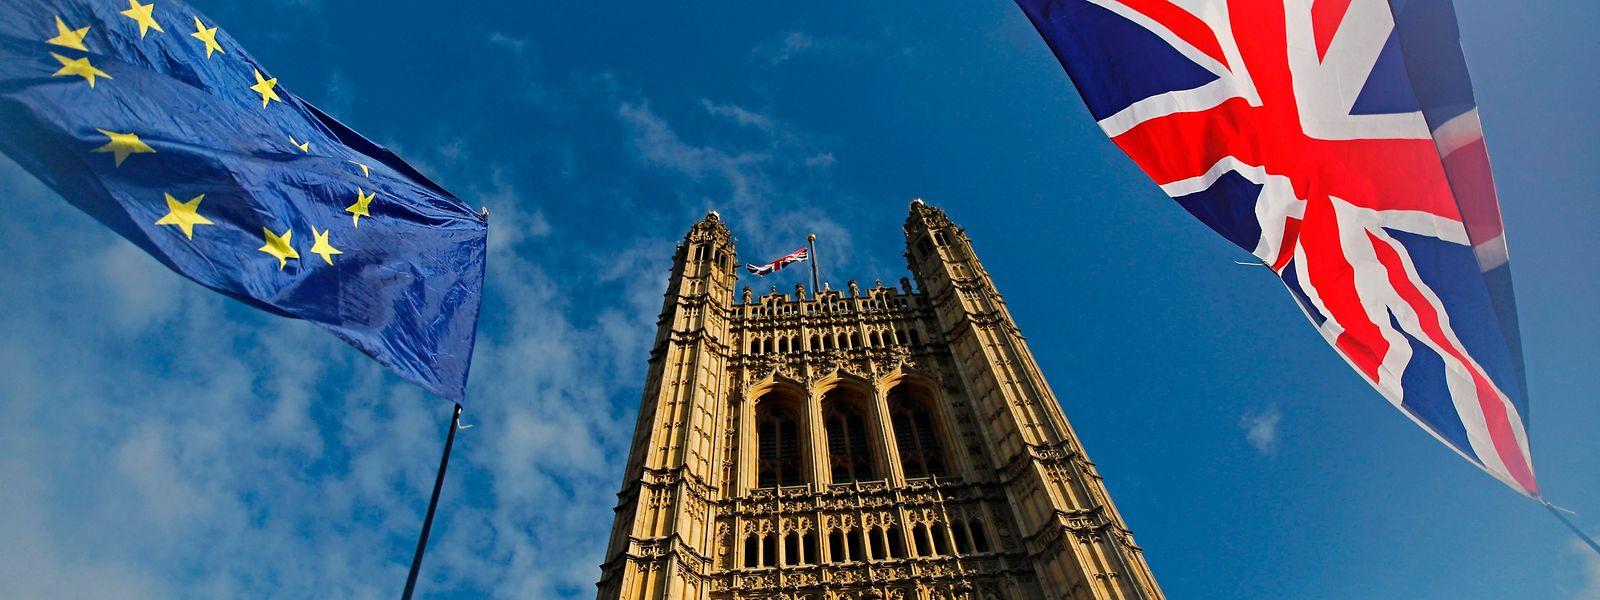 Die Fahne Großbritanniens und der EU vor dem Victoria Tower, einem Teil von Westminster.